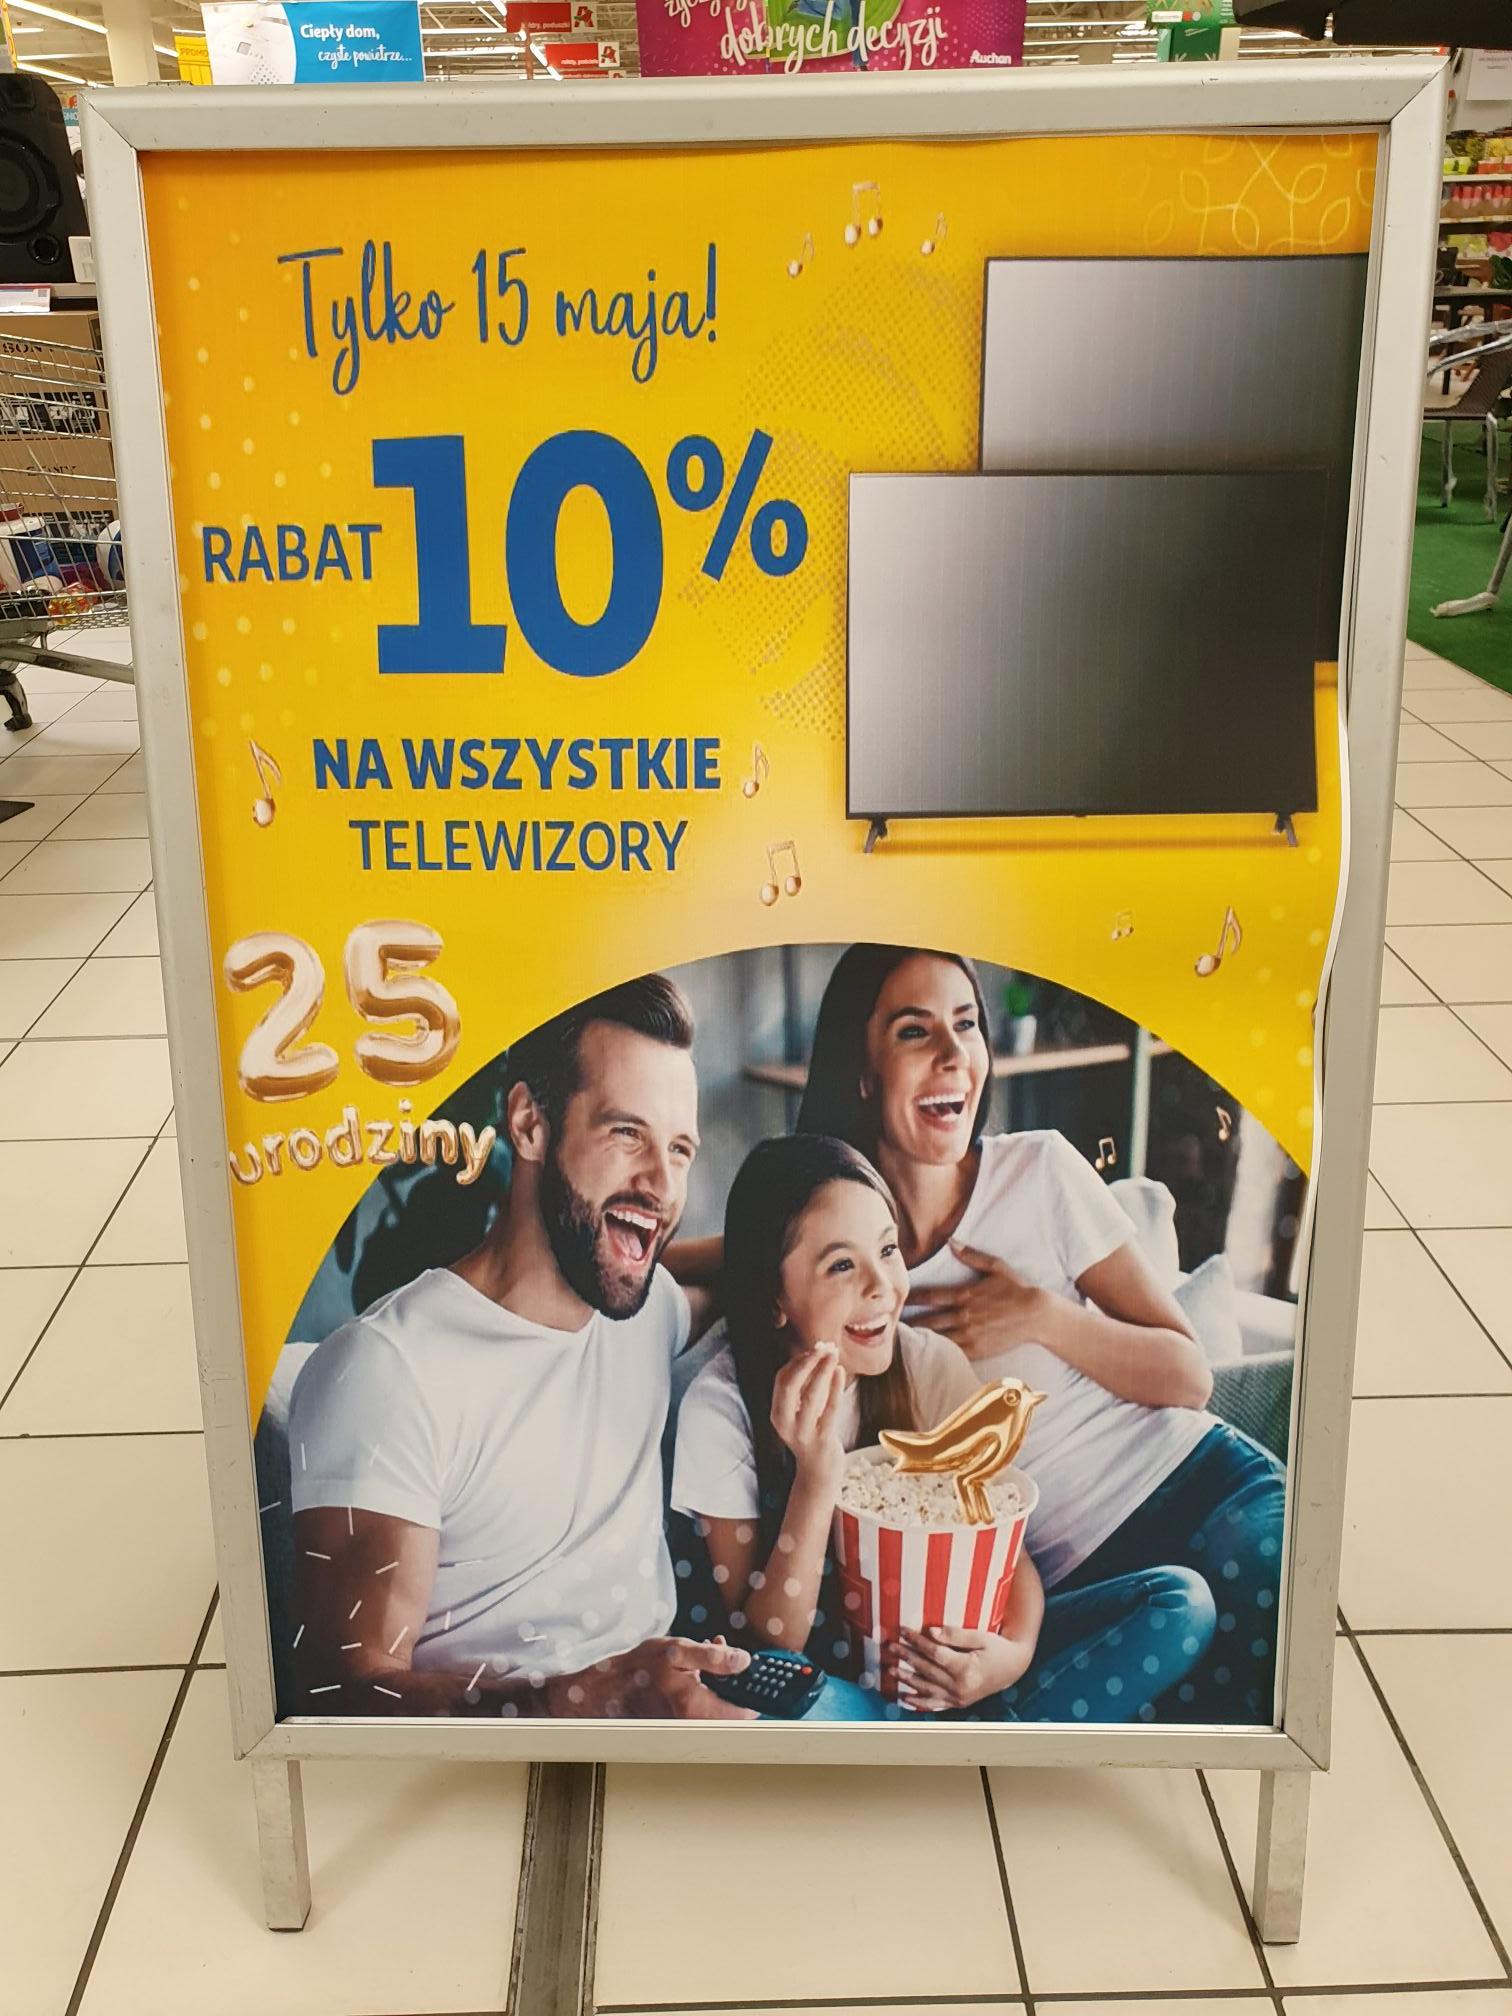 Auchan rabat 10% na wszystkie telewizory